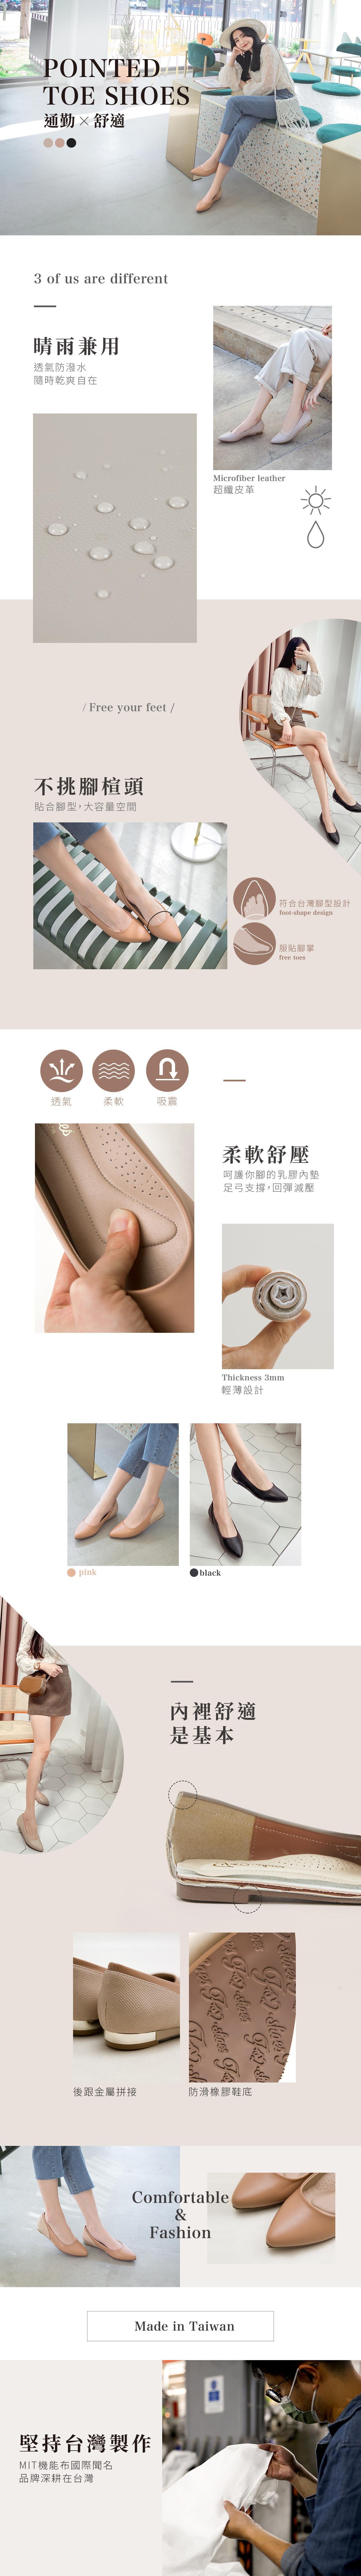 訂製款-尖頭蟒蛇皮紋拼接包鞋-大尺碼